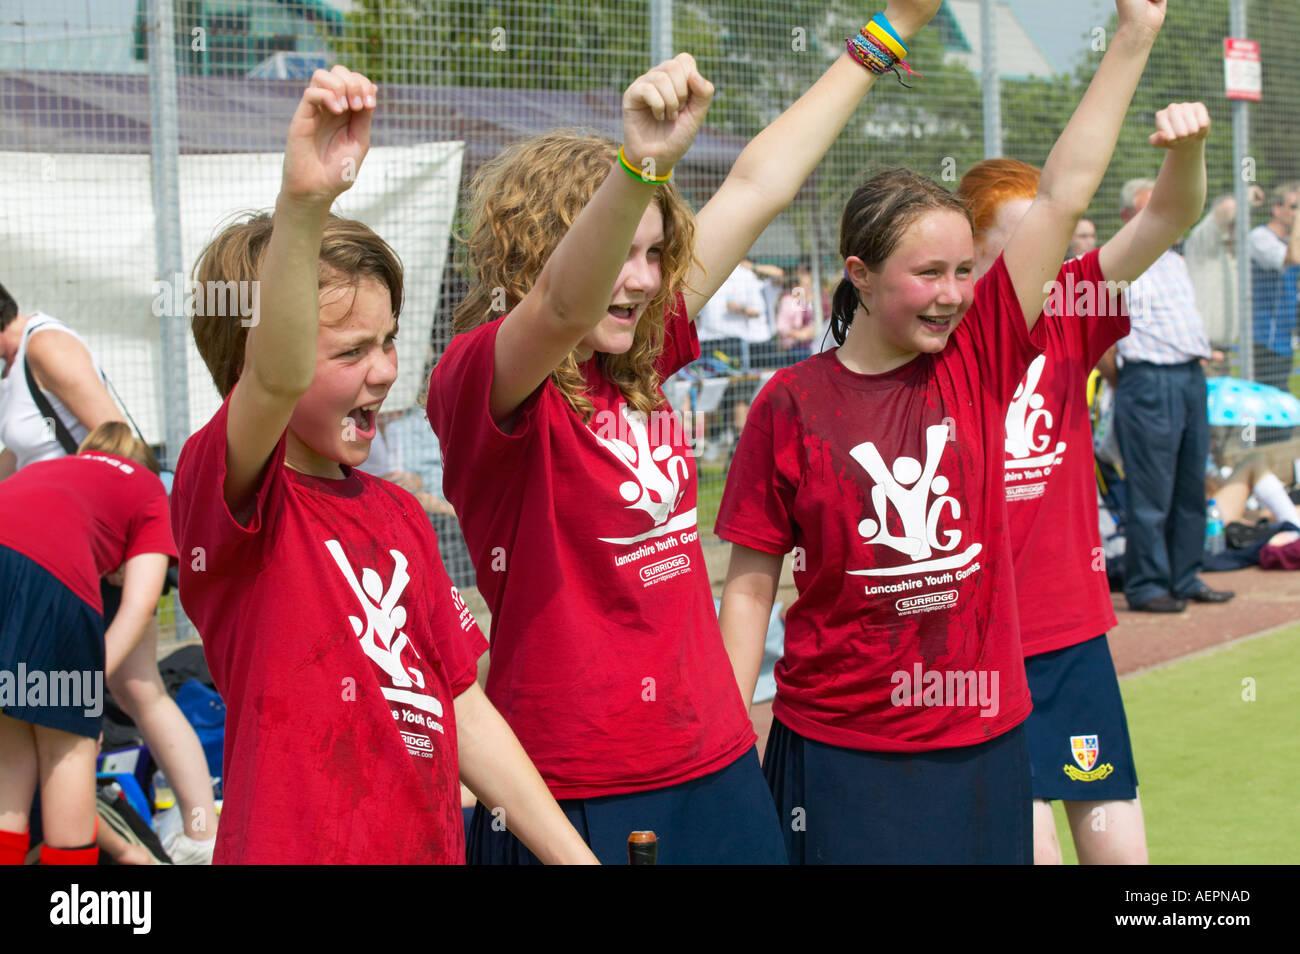 Les jeunes filles encouragent leurs coéquipiers lors d'un match de hockey Photo Stock